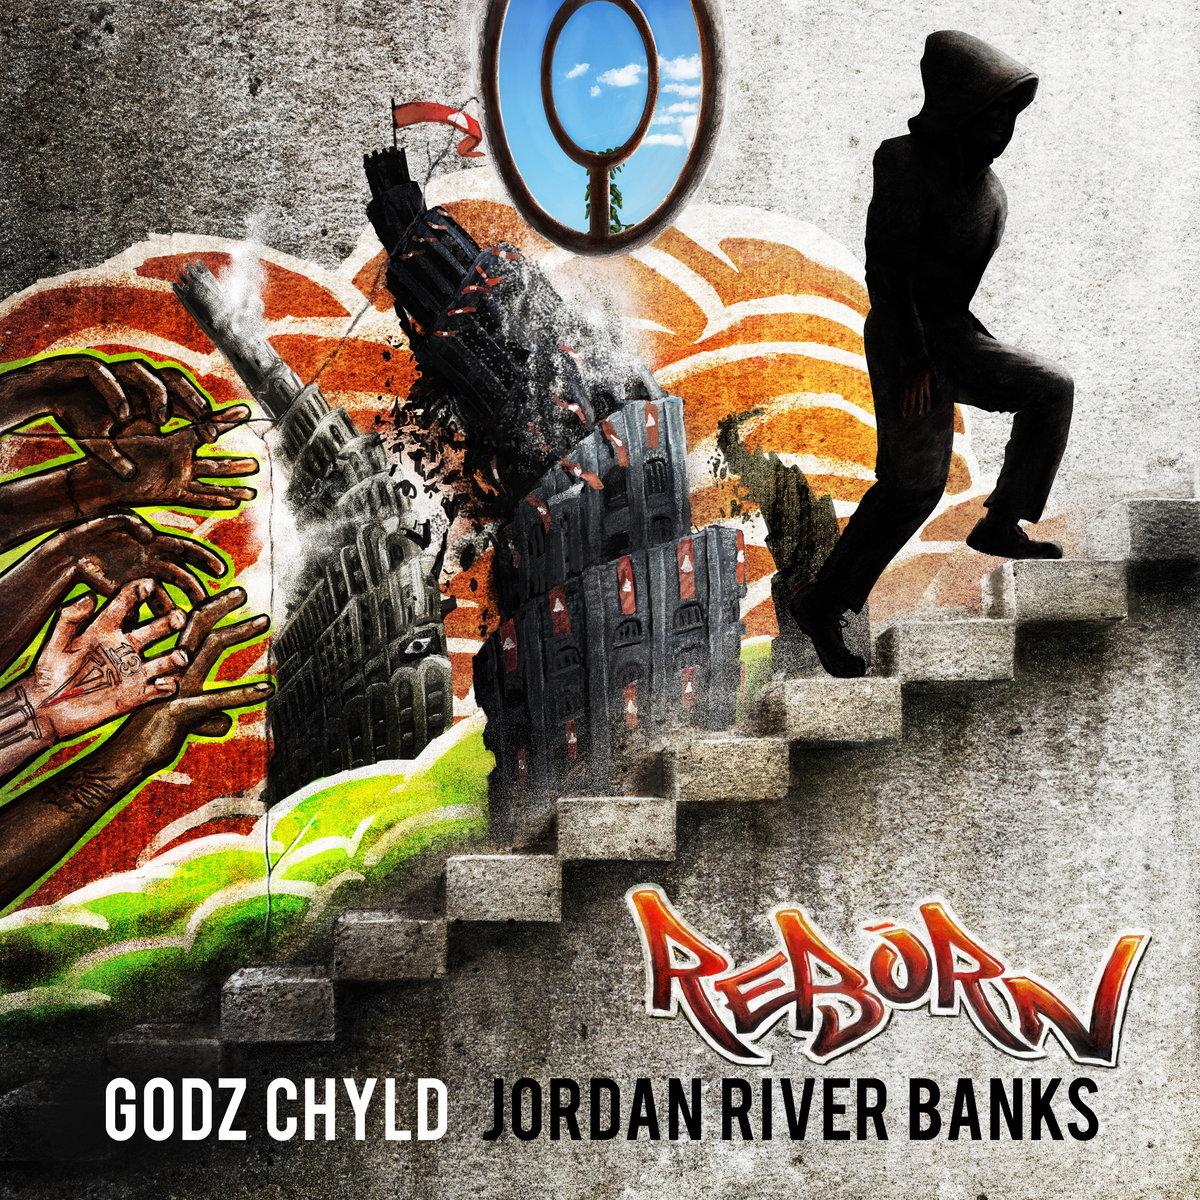 """Godz Chyld x Jordan River Banks – """"Reborn"""" EP (Album Review)"""